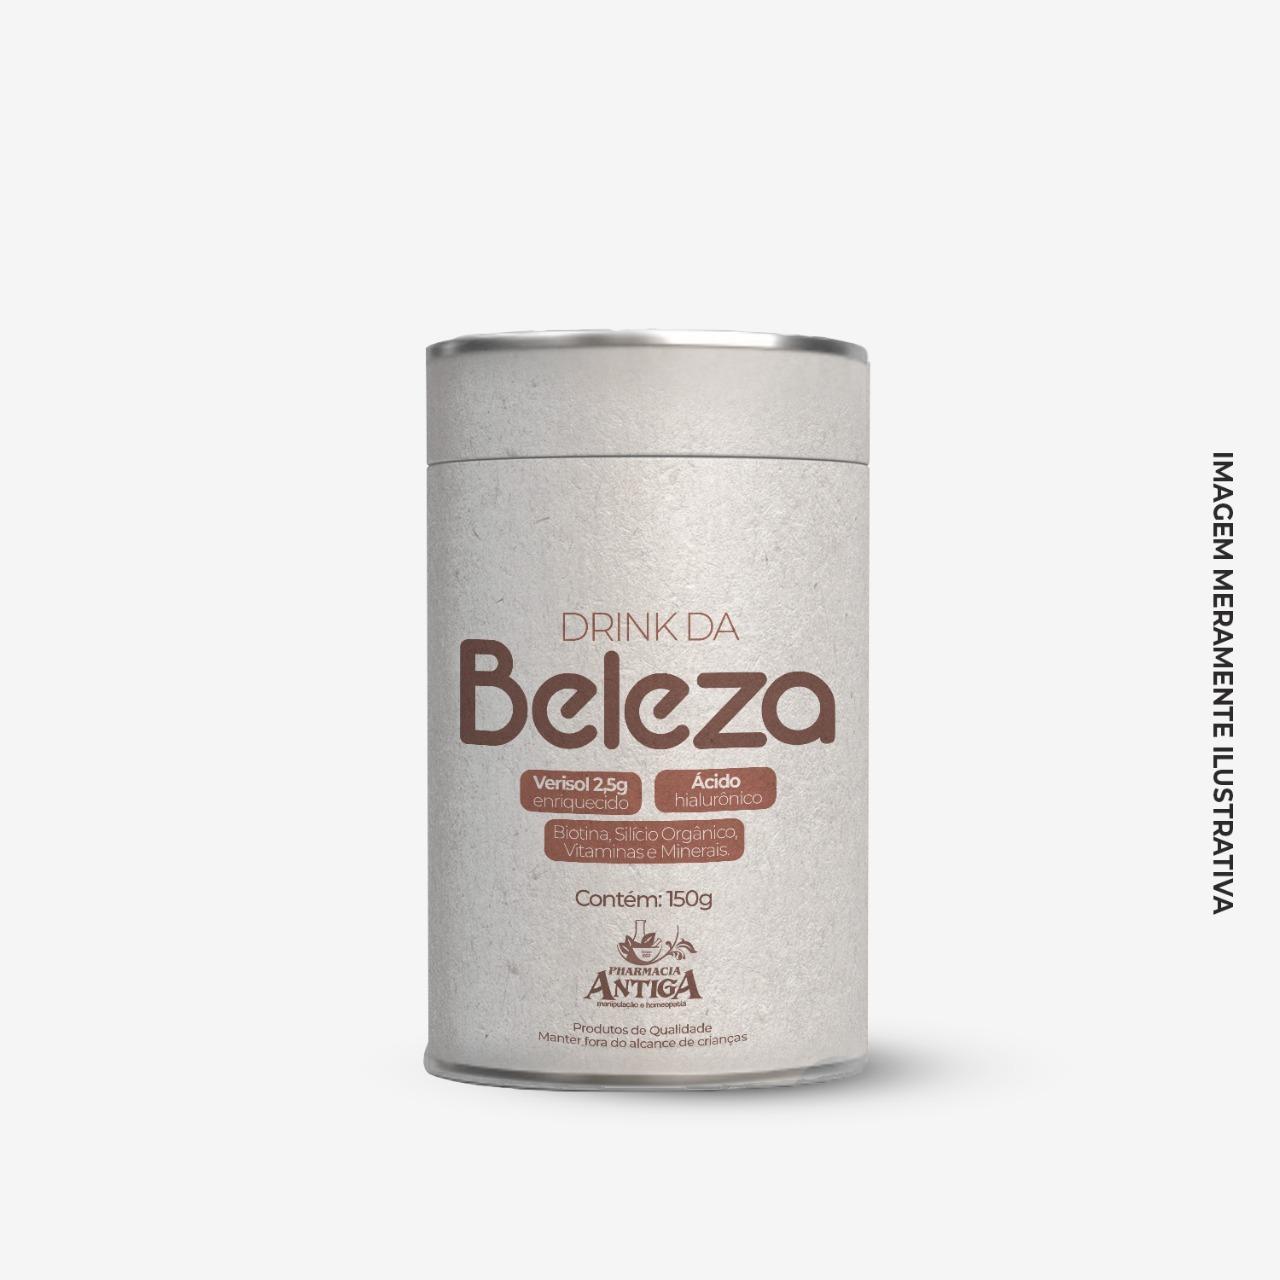 DRINK DA BELEZA